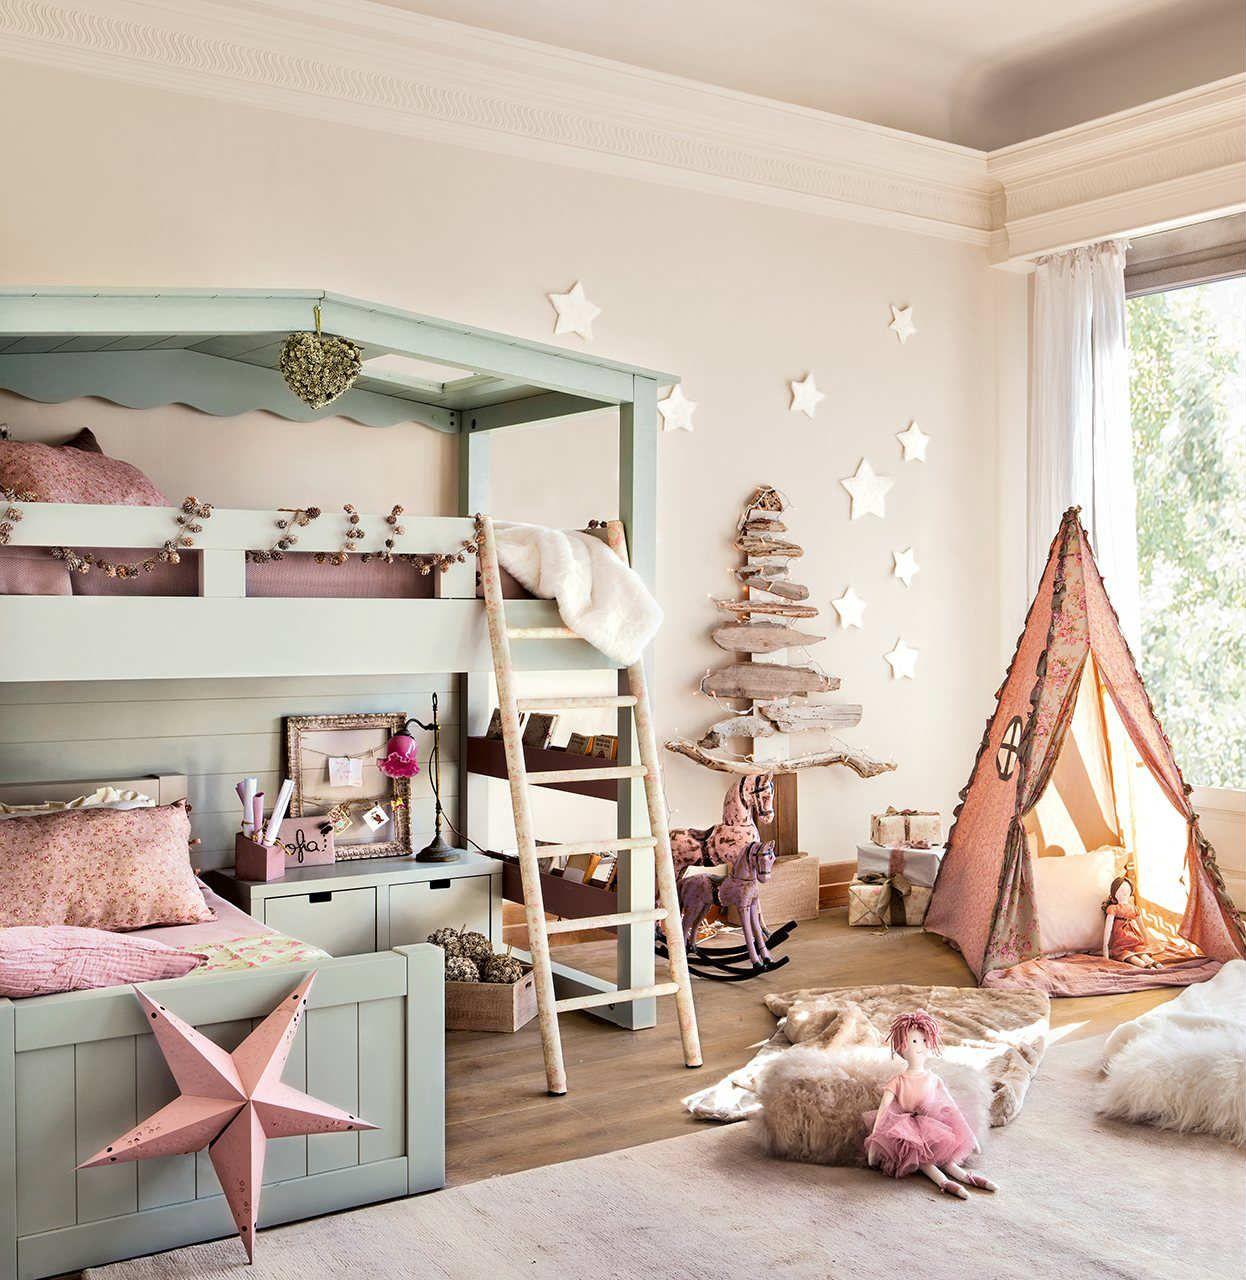 子供部屋の実例 レイアウトやおしゃれな収納 壁紙のアイディア8選